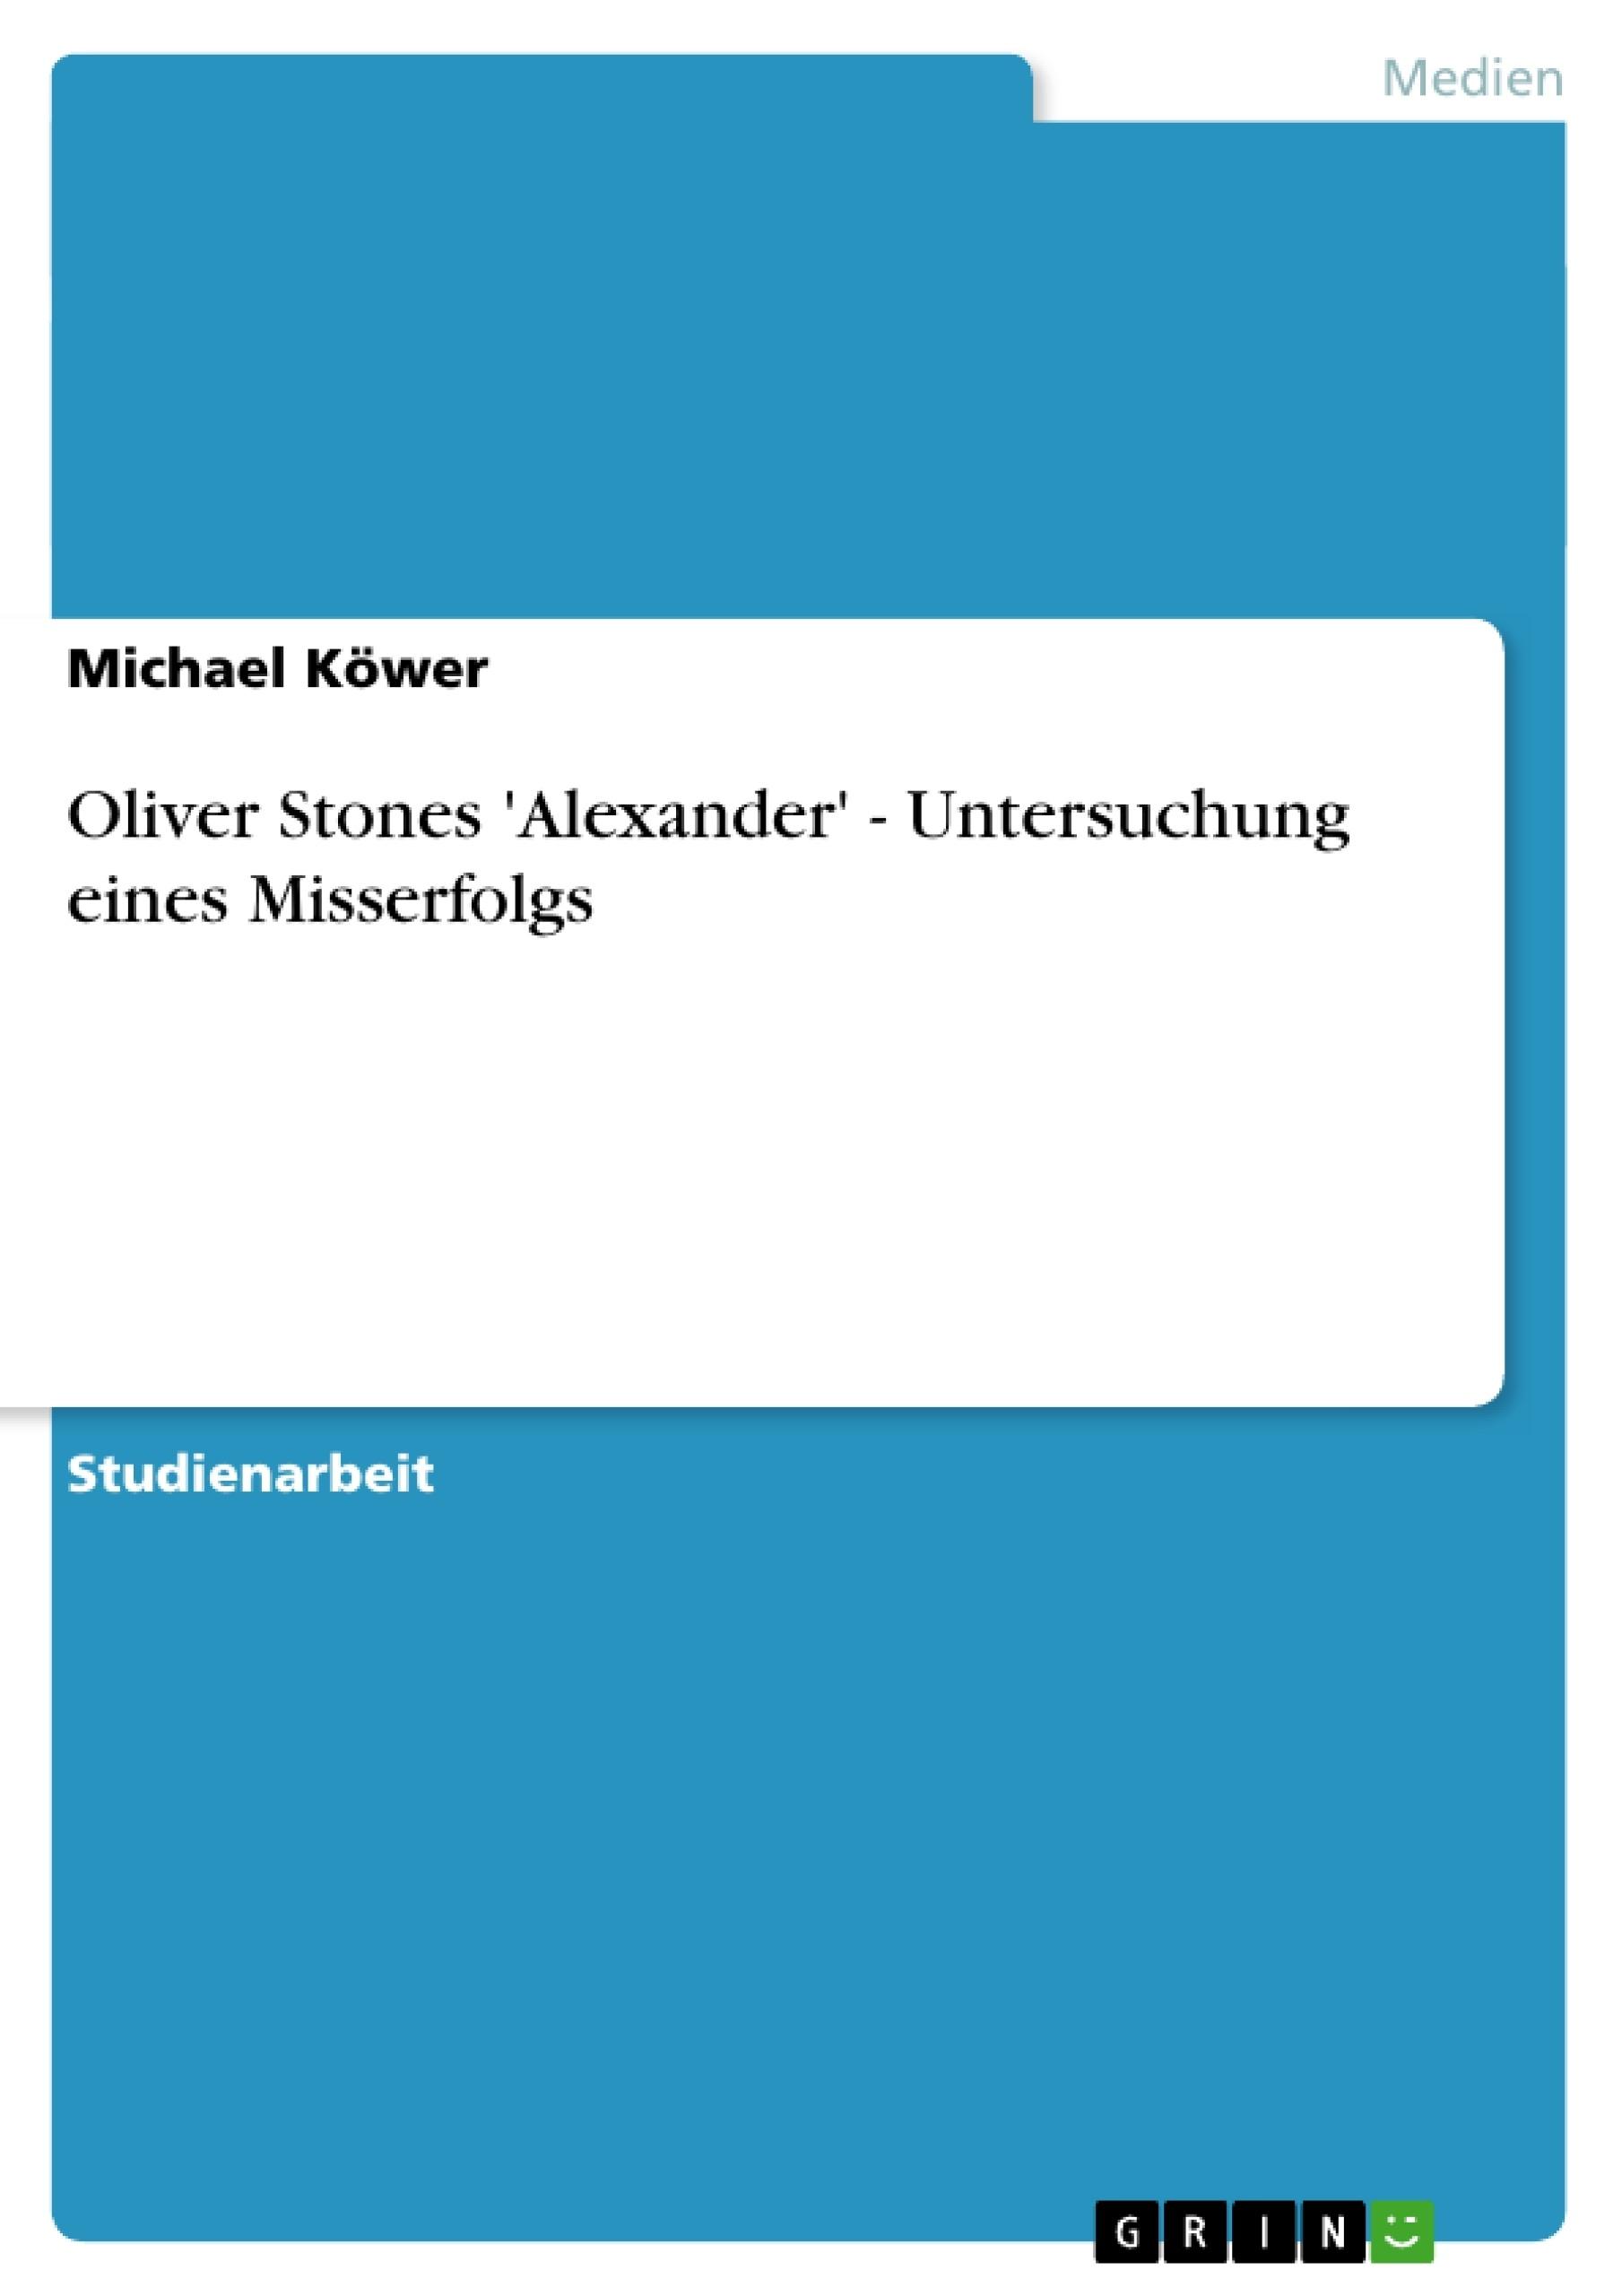 Titel: Oliver Stones 'Alexander' - Untersuchung eines Misserfolgs